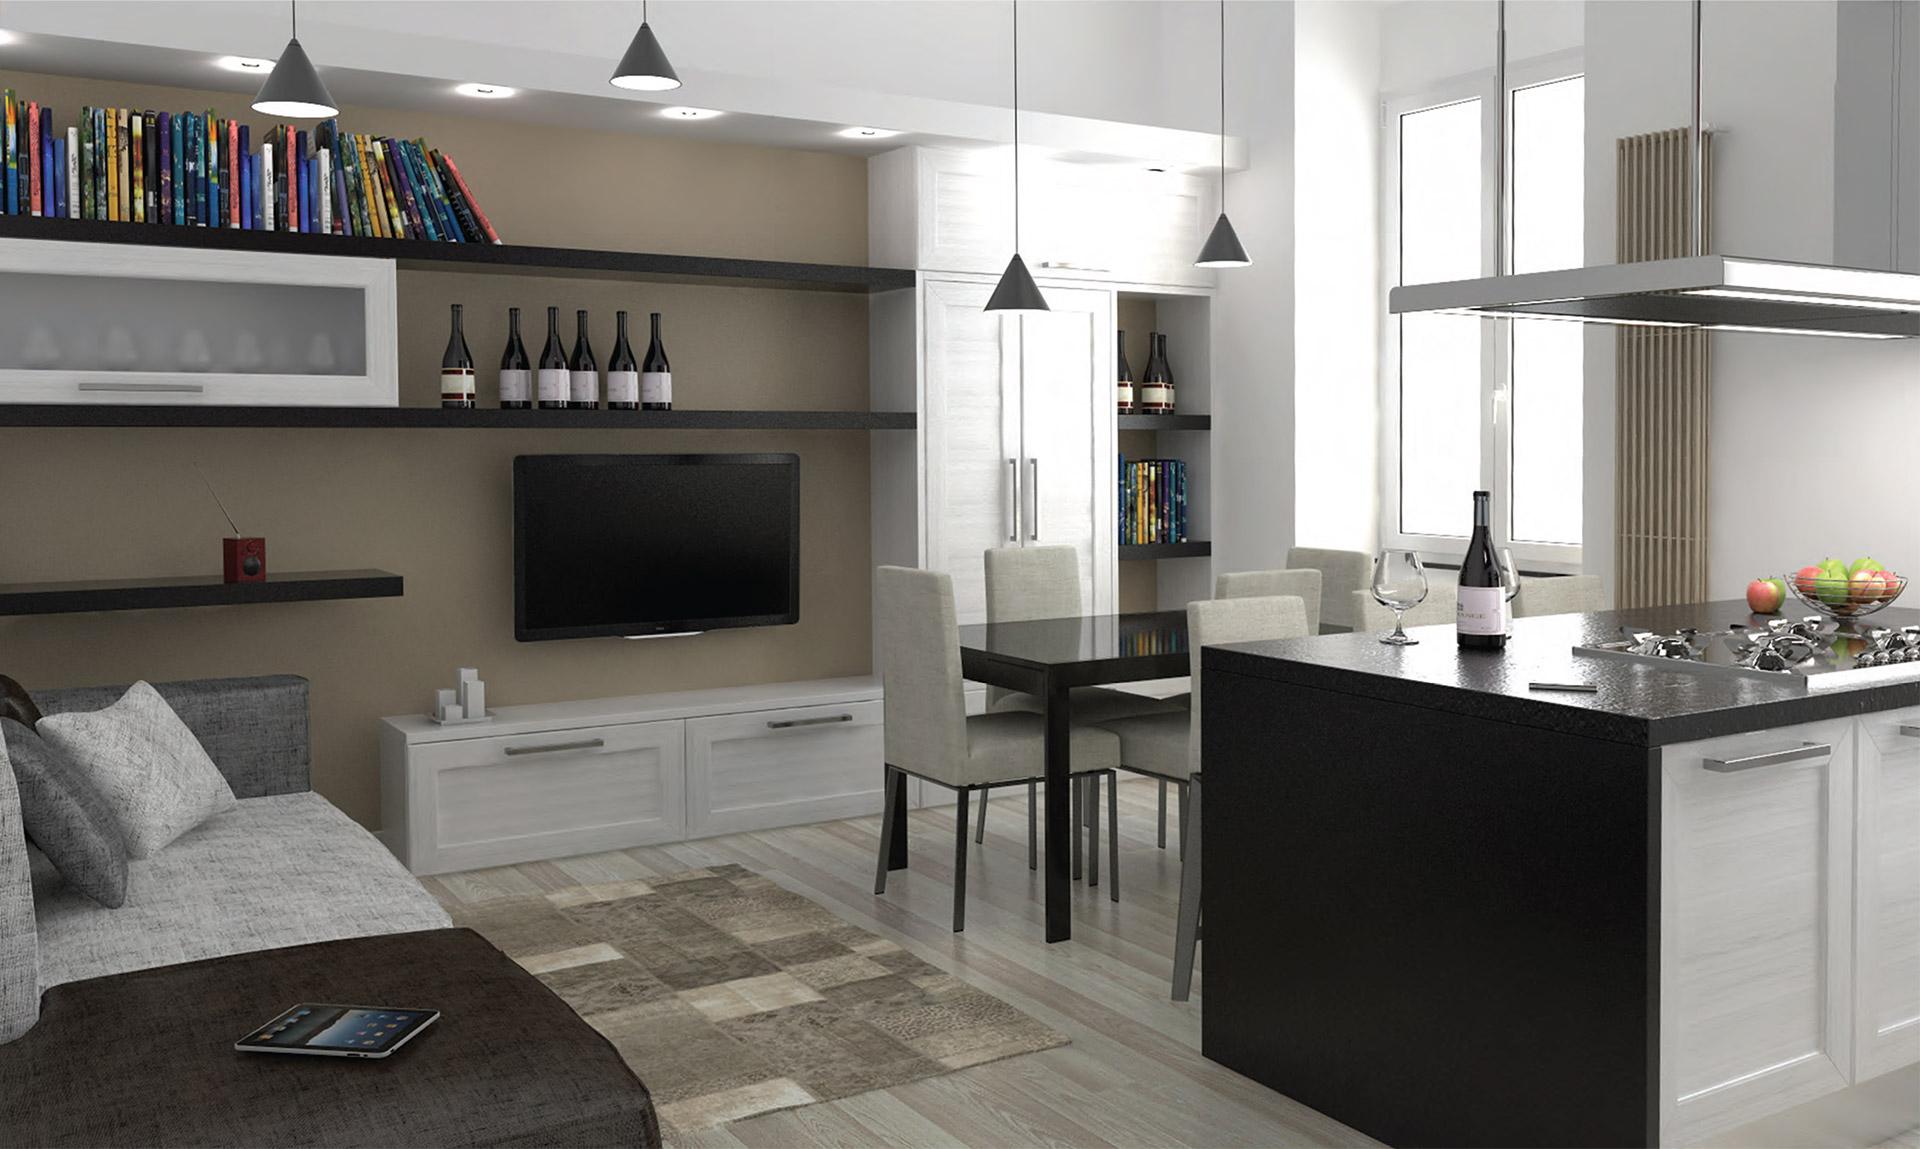 Micada-Group_2016-Appartamento-San-Lorenzo-Ristrutturazione_01.jpg